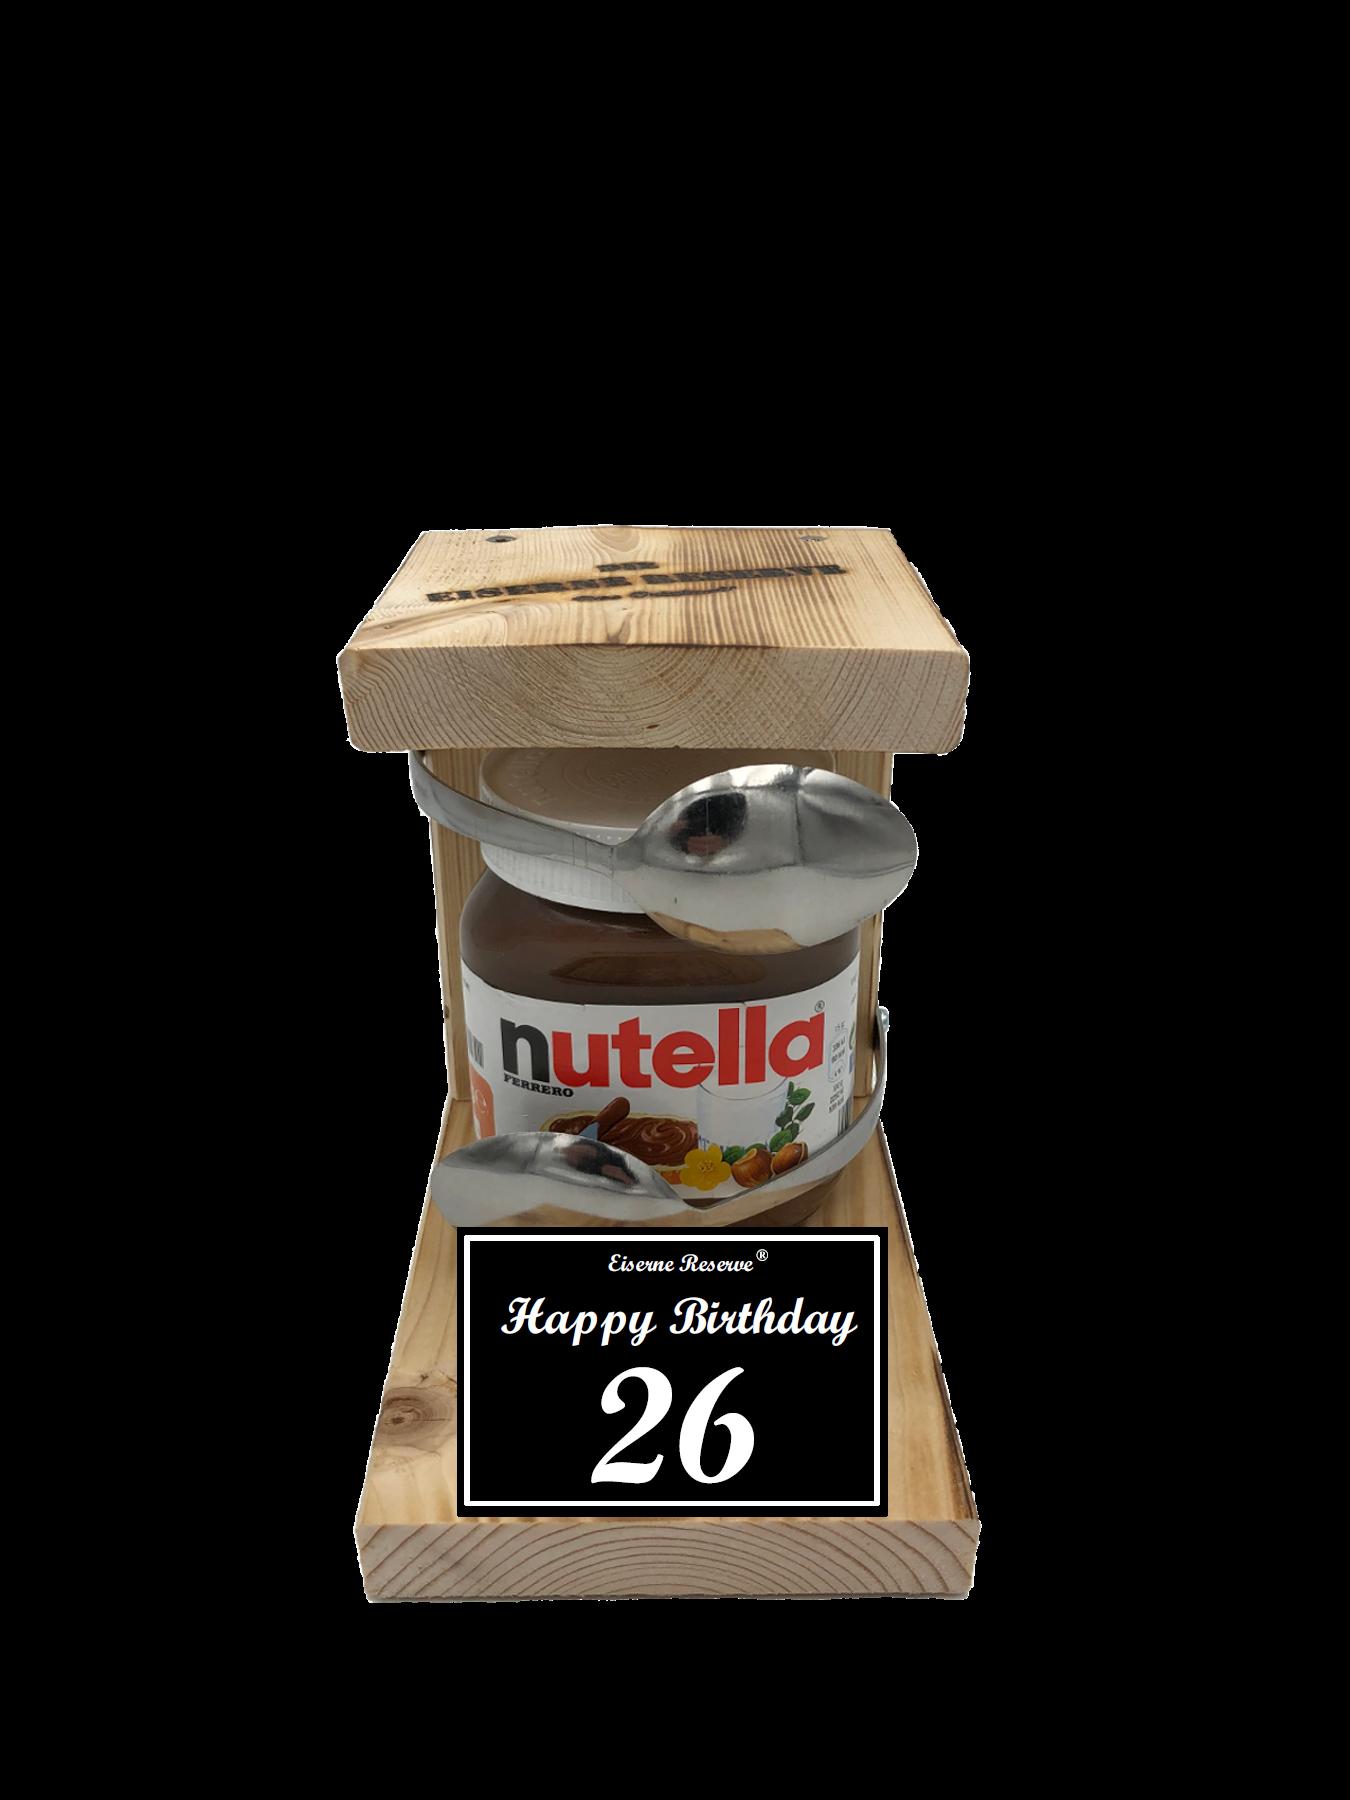 26 Happy Birthday Löffel Nutella Geschenk - Die Nutella Geschenkidee